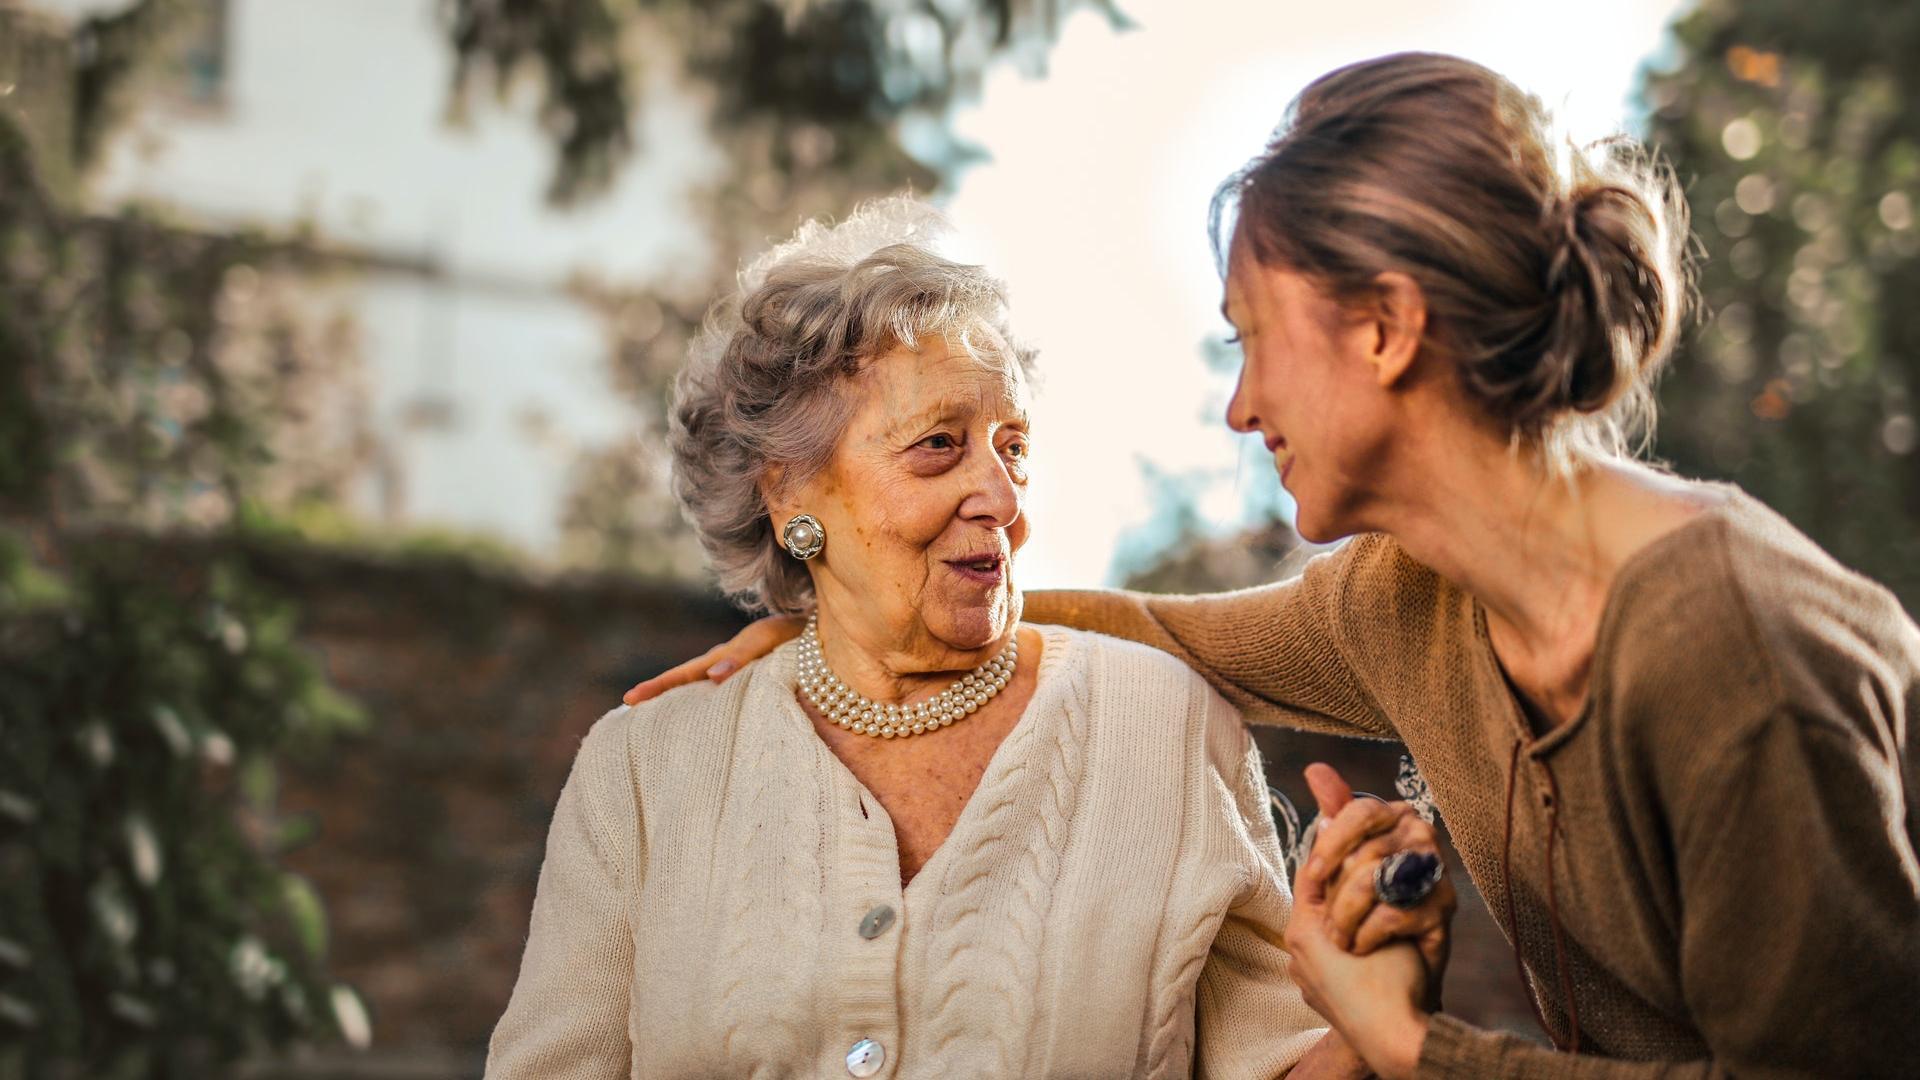 Oma und Tochter alte und junge Frau Umarmung